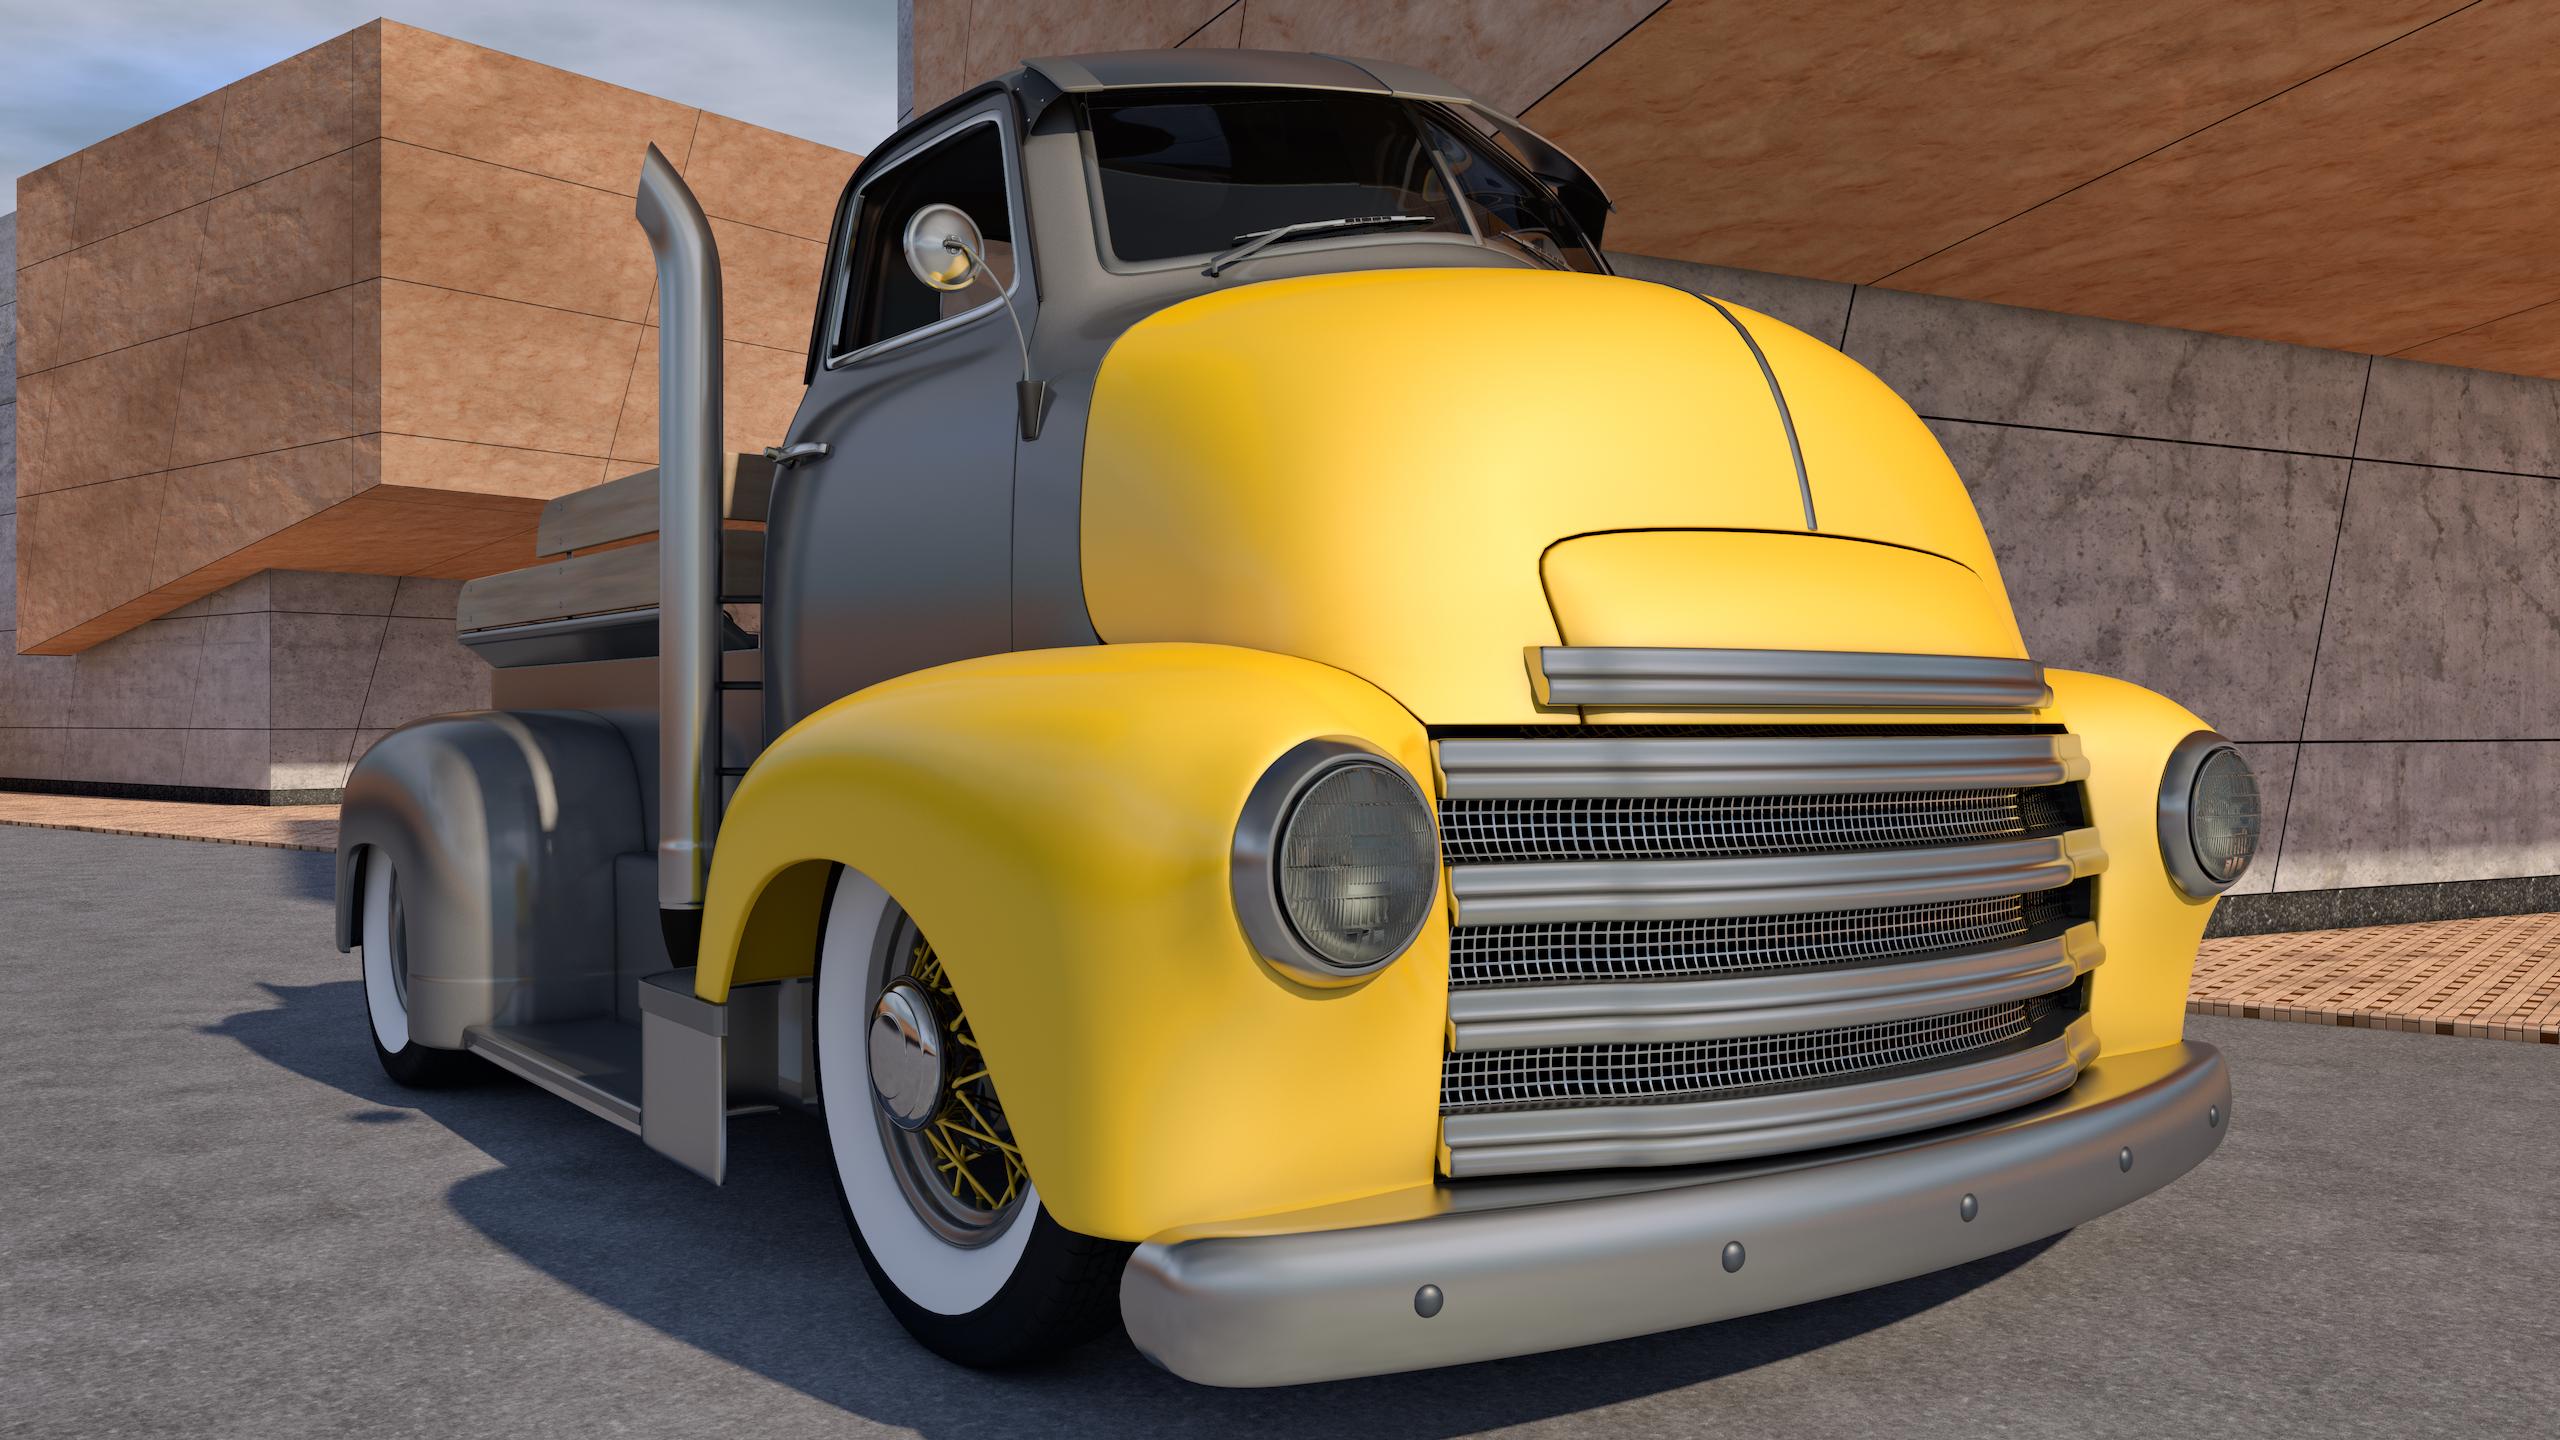 La fête à COE !!!!!!!! Chevrolet_coe_truck_by_samcurry-d55ofqv